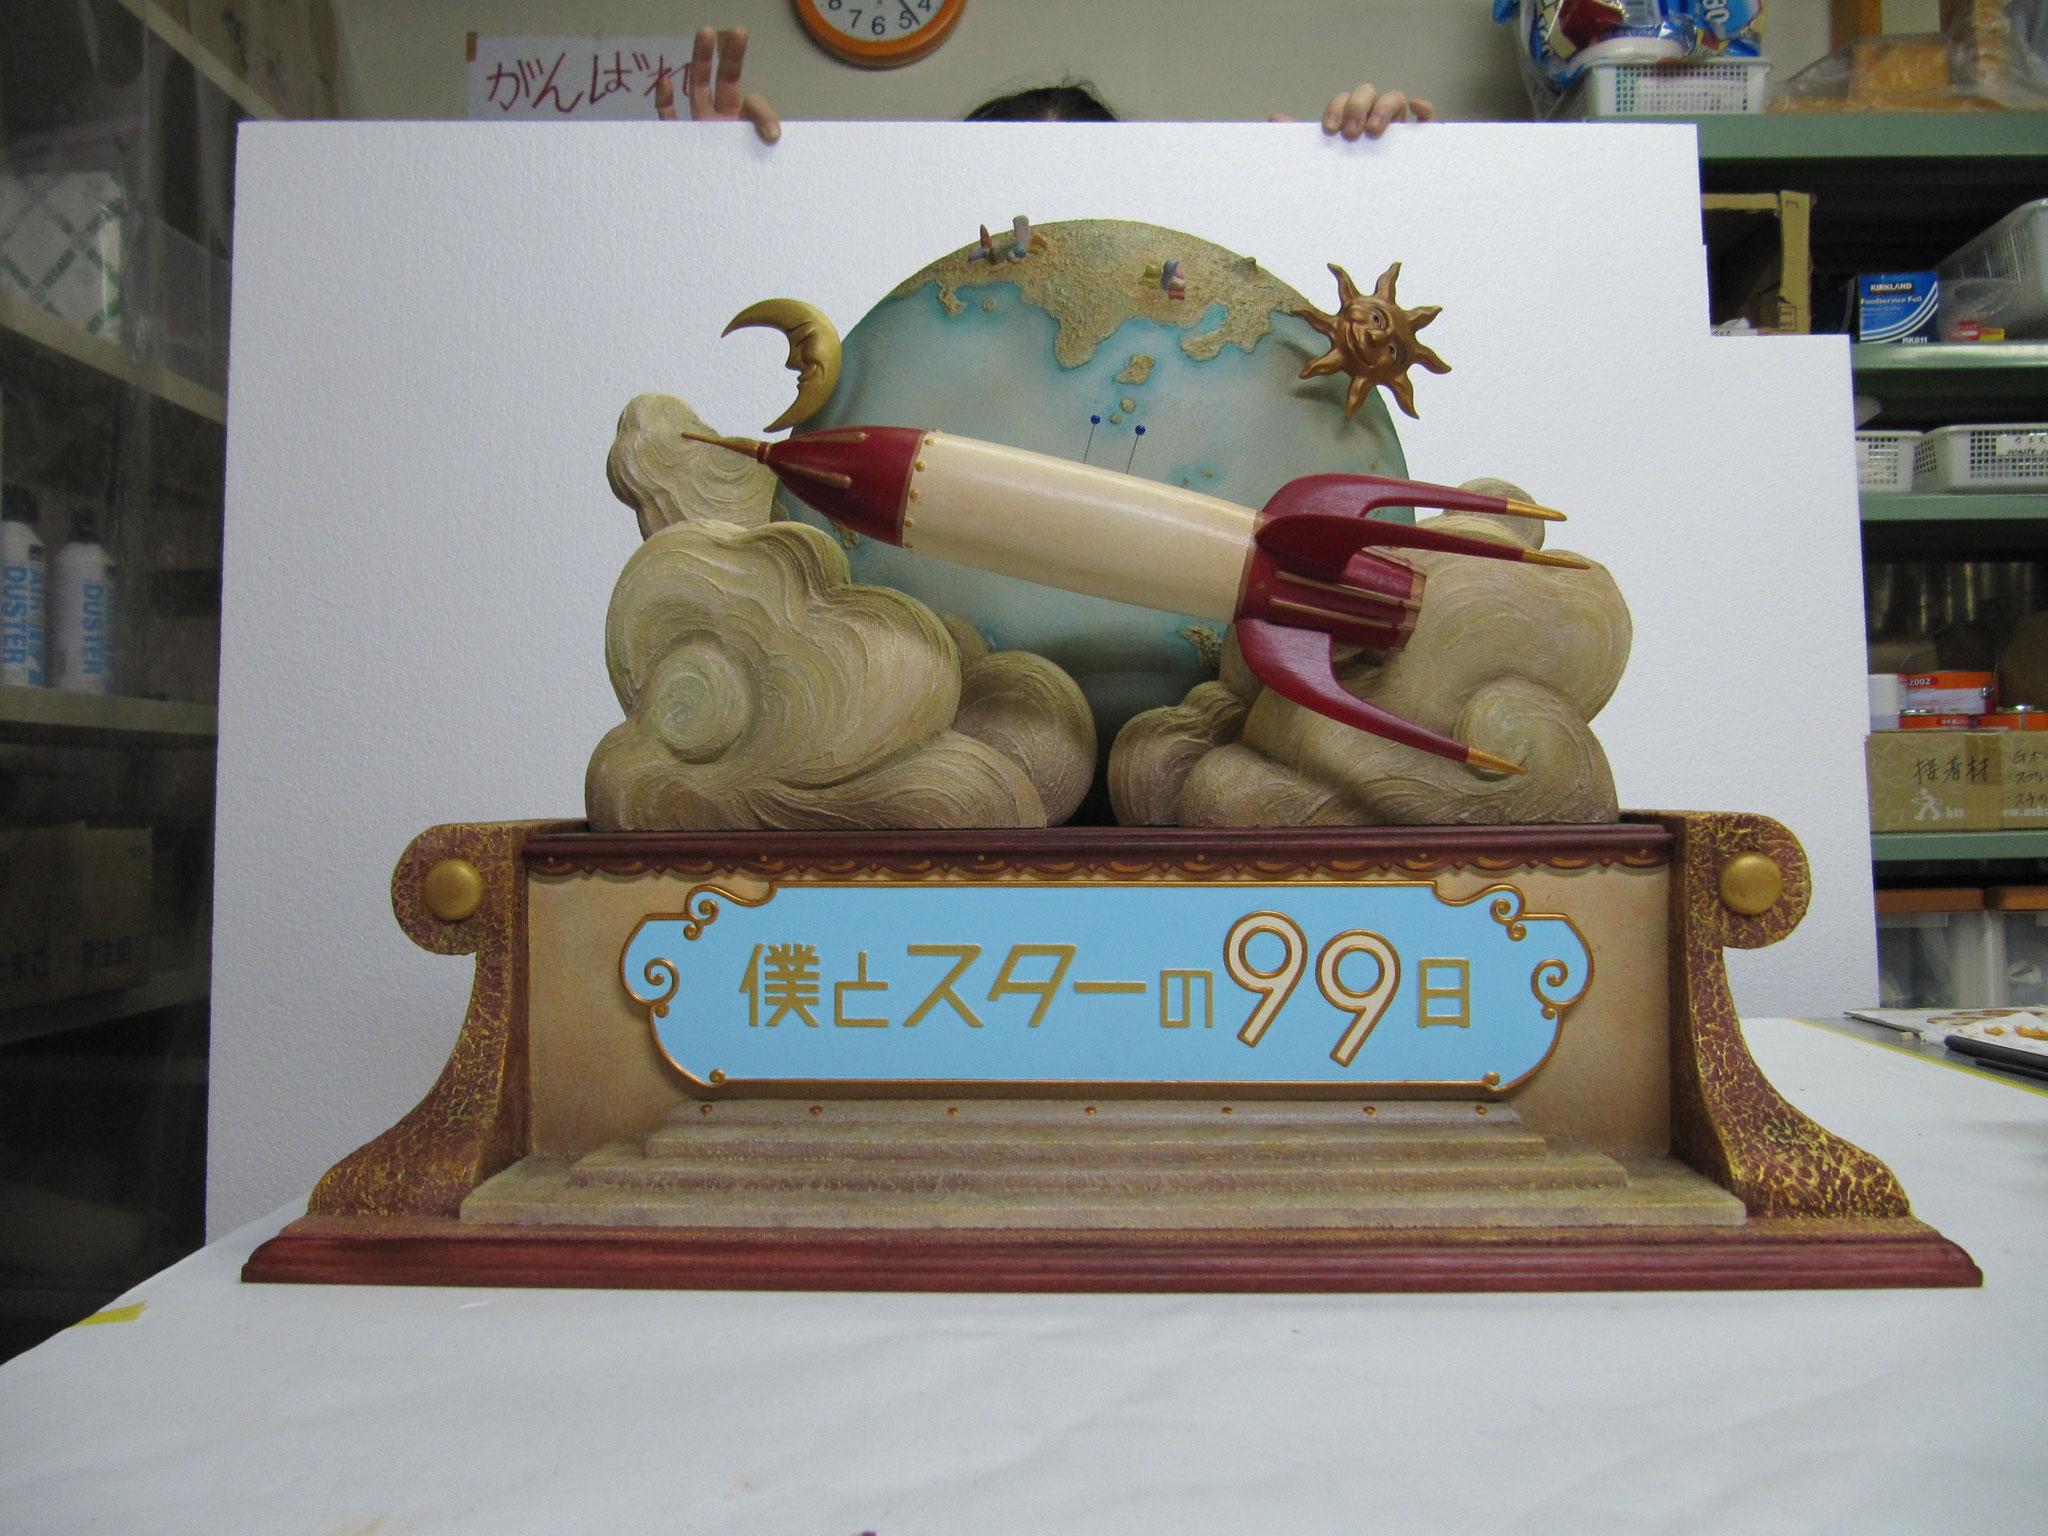 フジテレビドラマ 『僕とスターの99日』オープニング映像